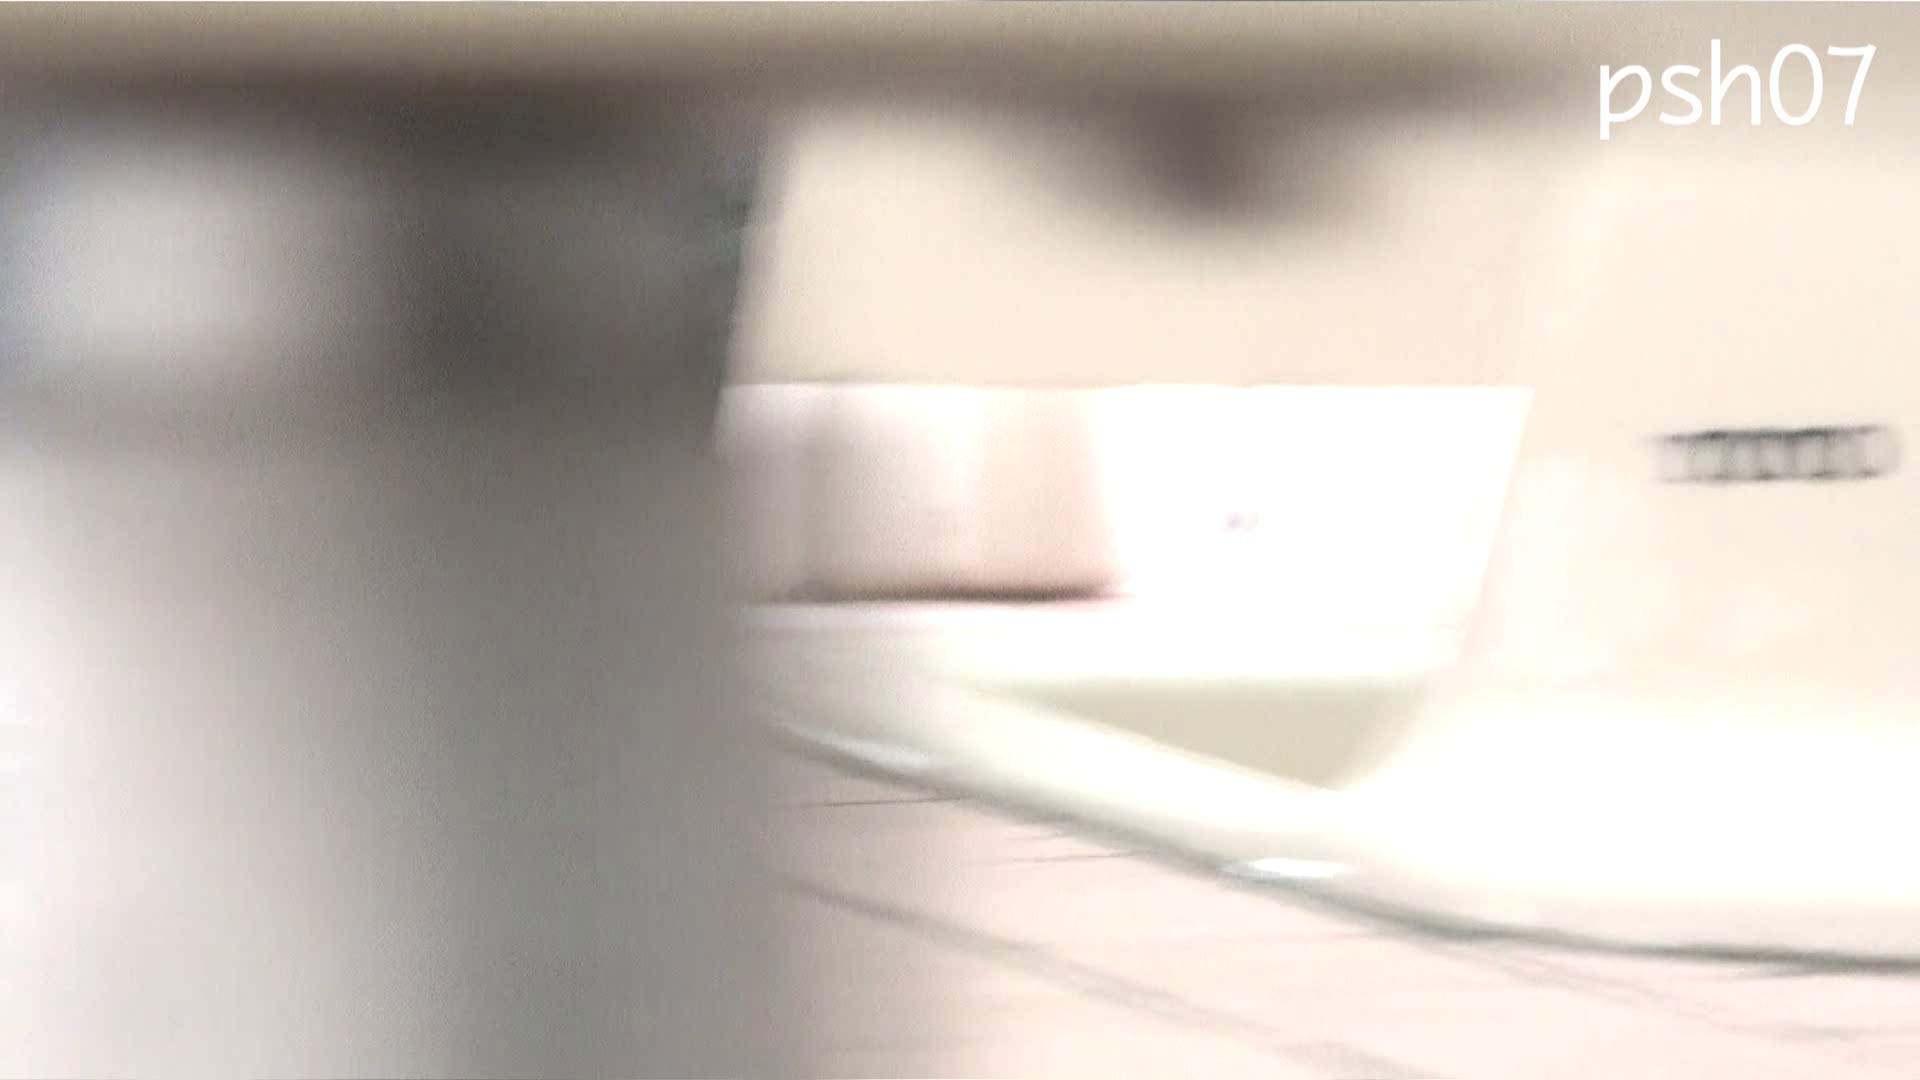 ▲復活限定▲ハイビジョン 盗神伝 Vol.7 OLのボディ | 0  106PIX 105